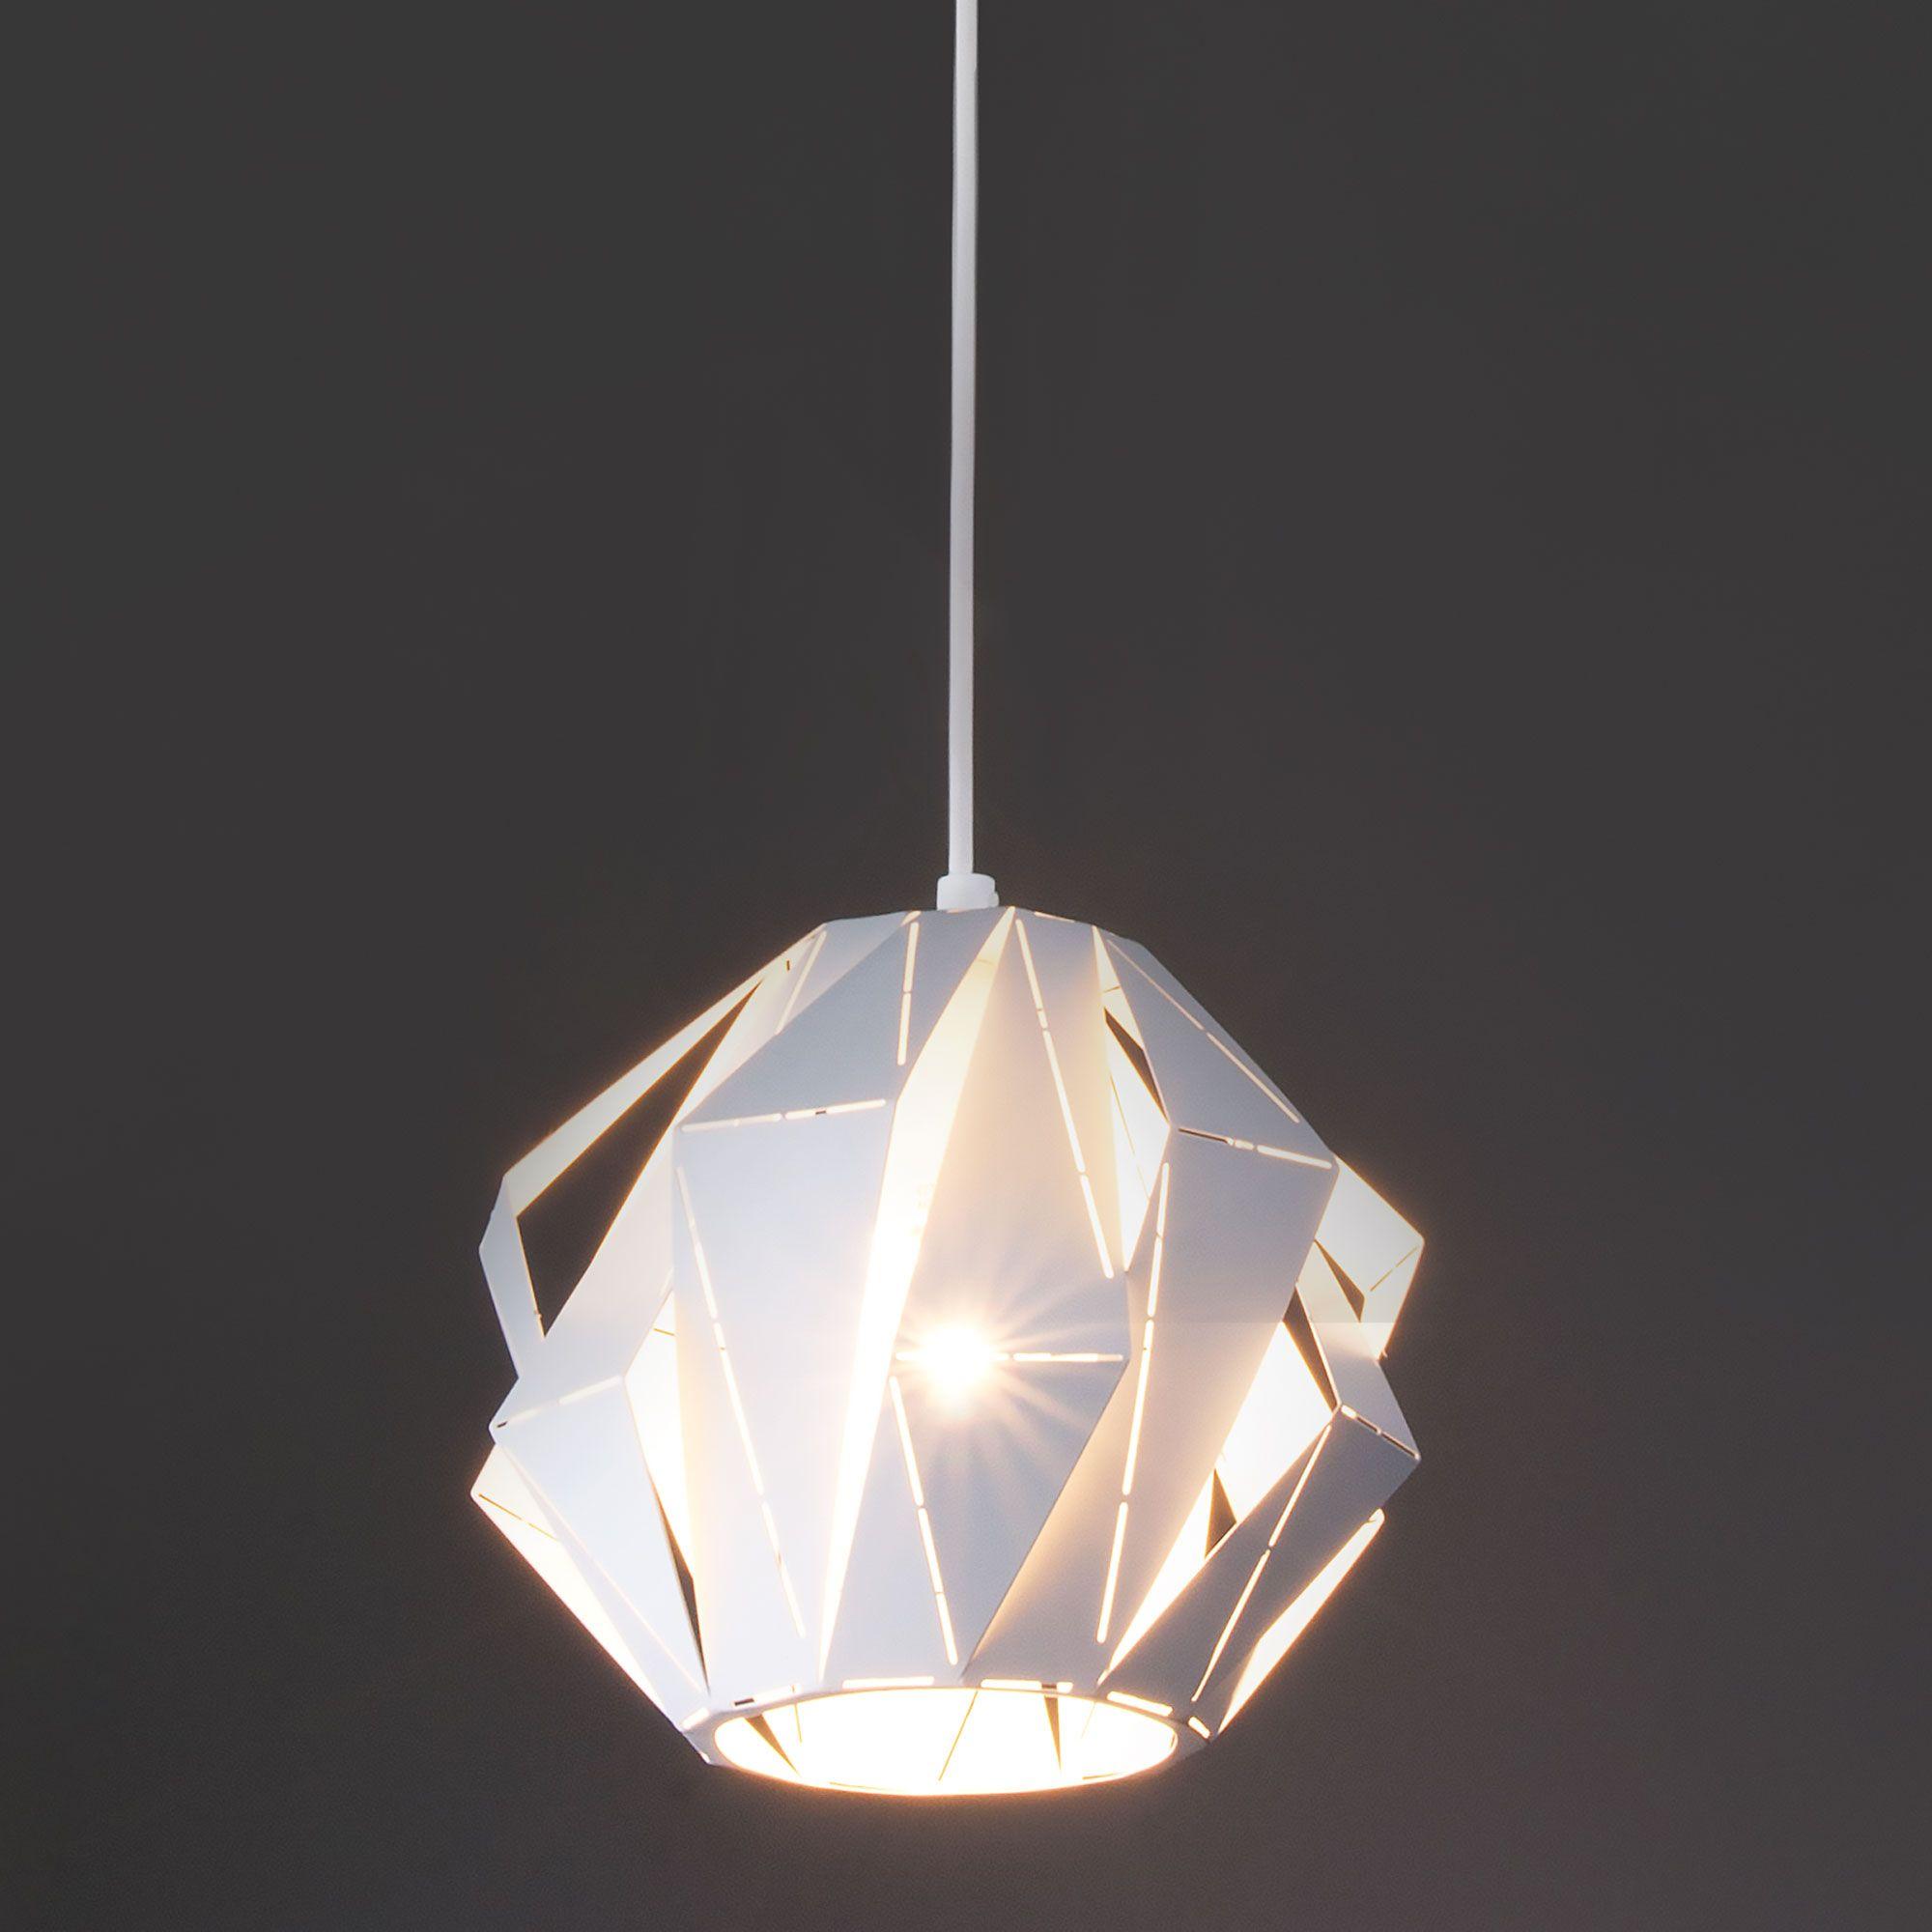 Дизайнерский подвесной светильник лофт 50137/1 белый